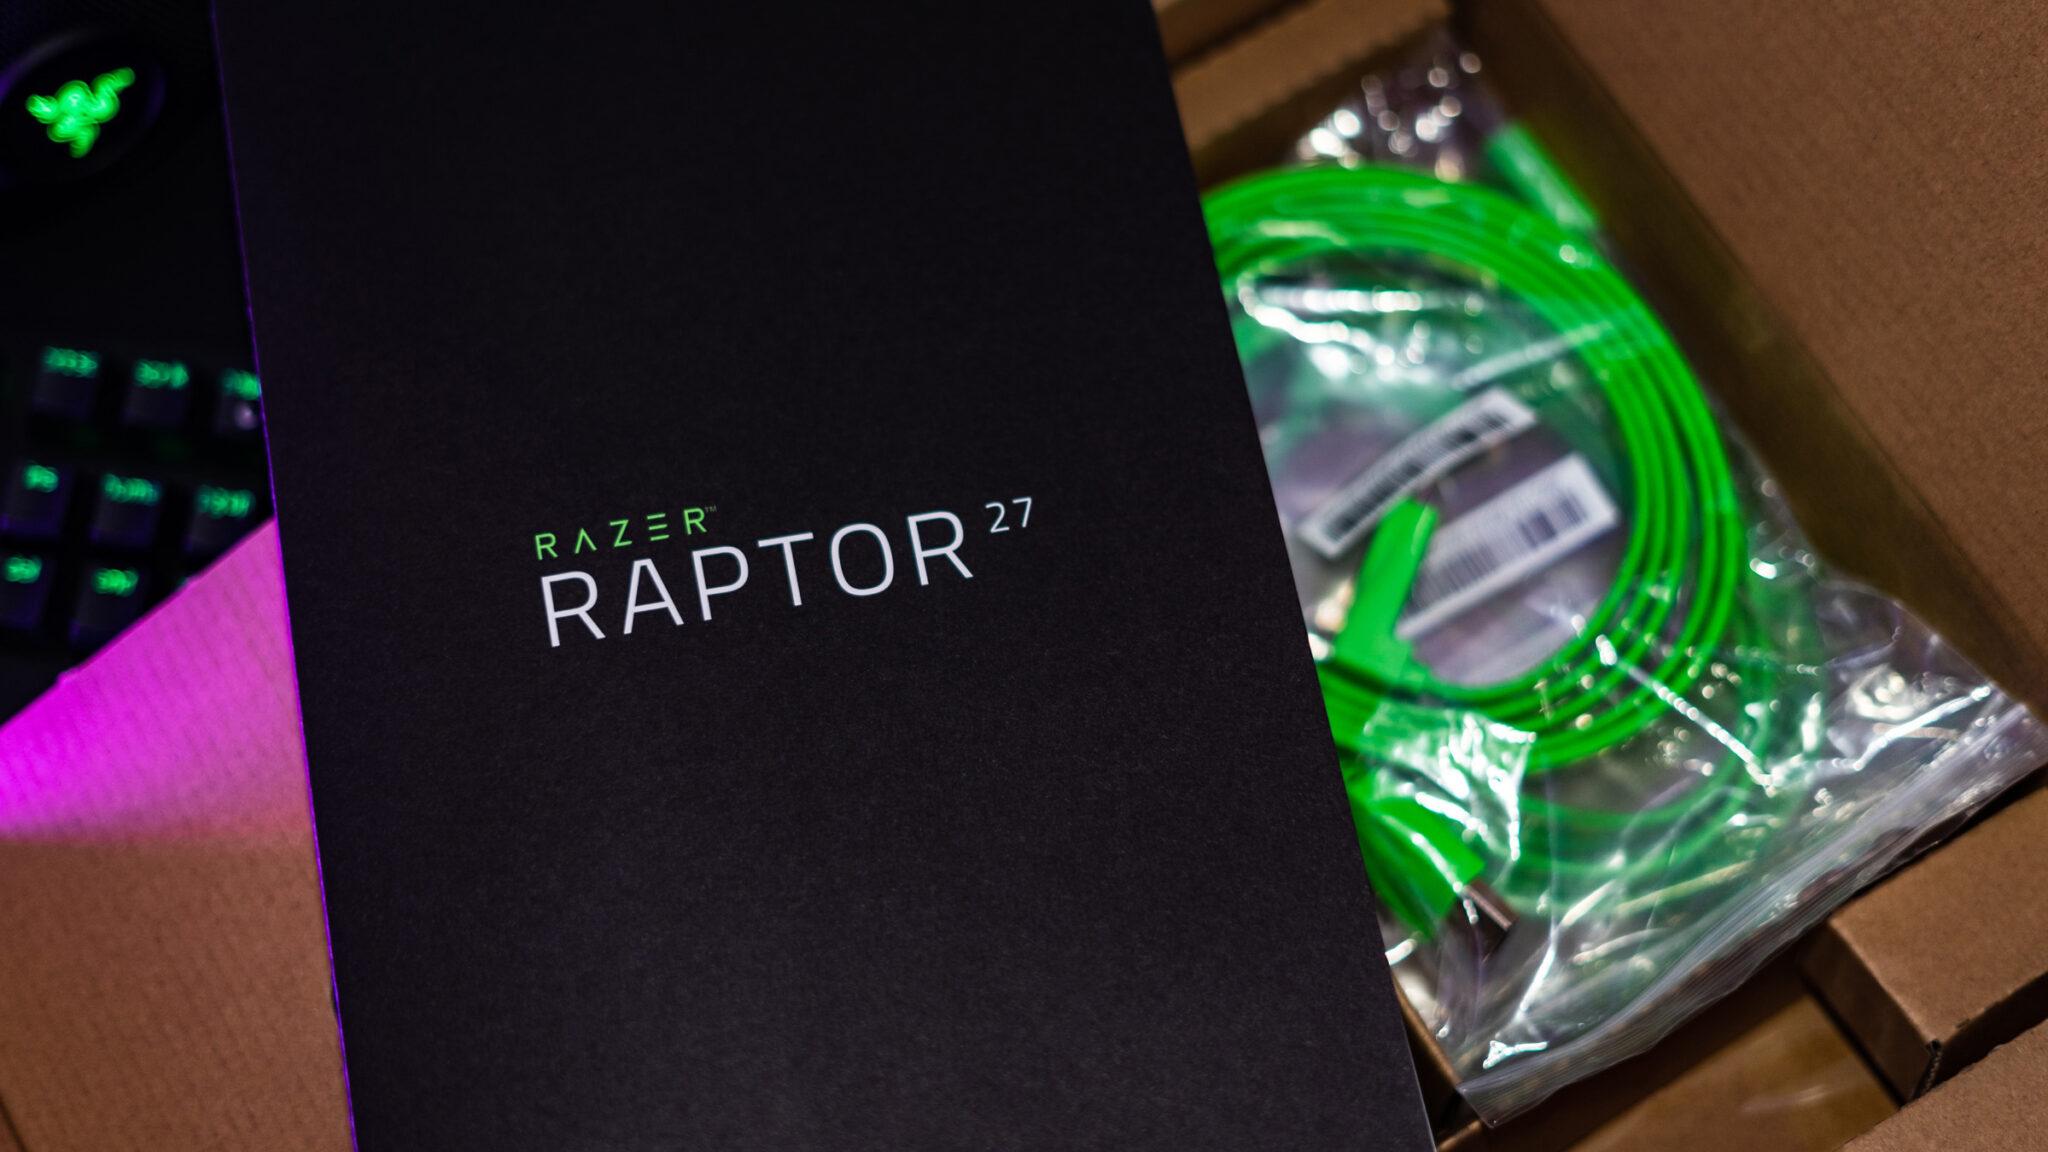 Razer Raptor 27 Gaming-Monitor Zubehör